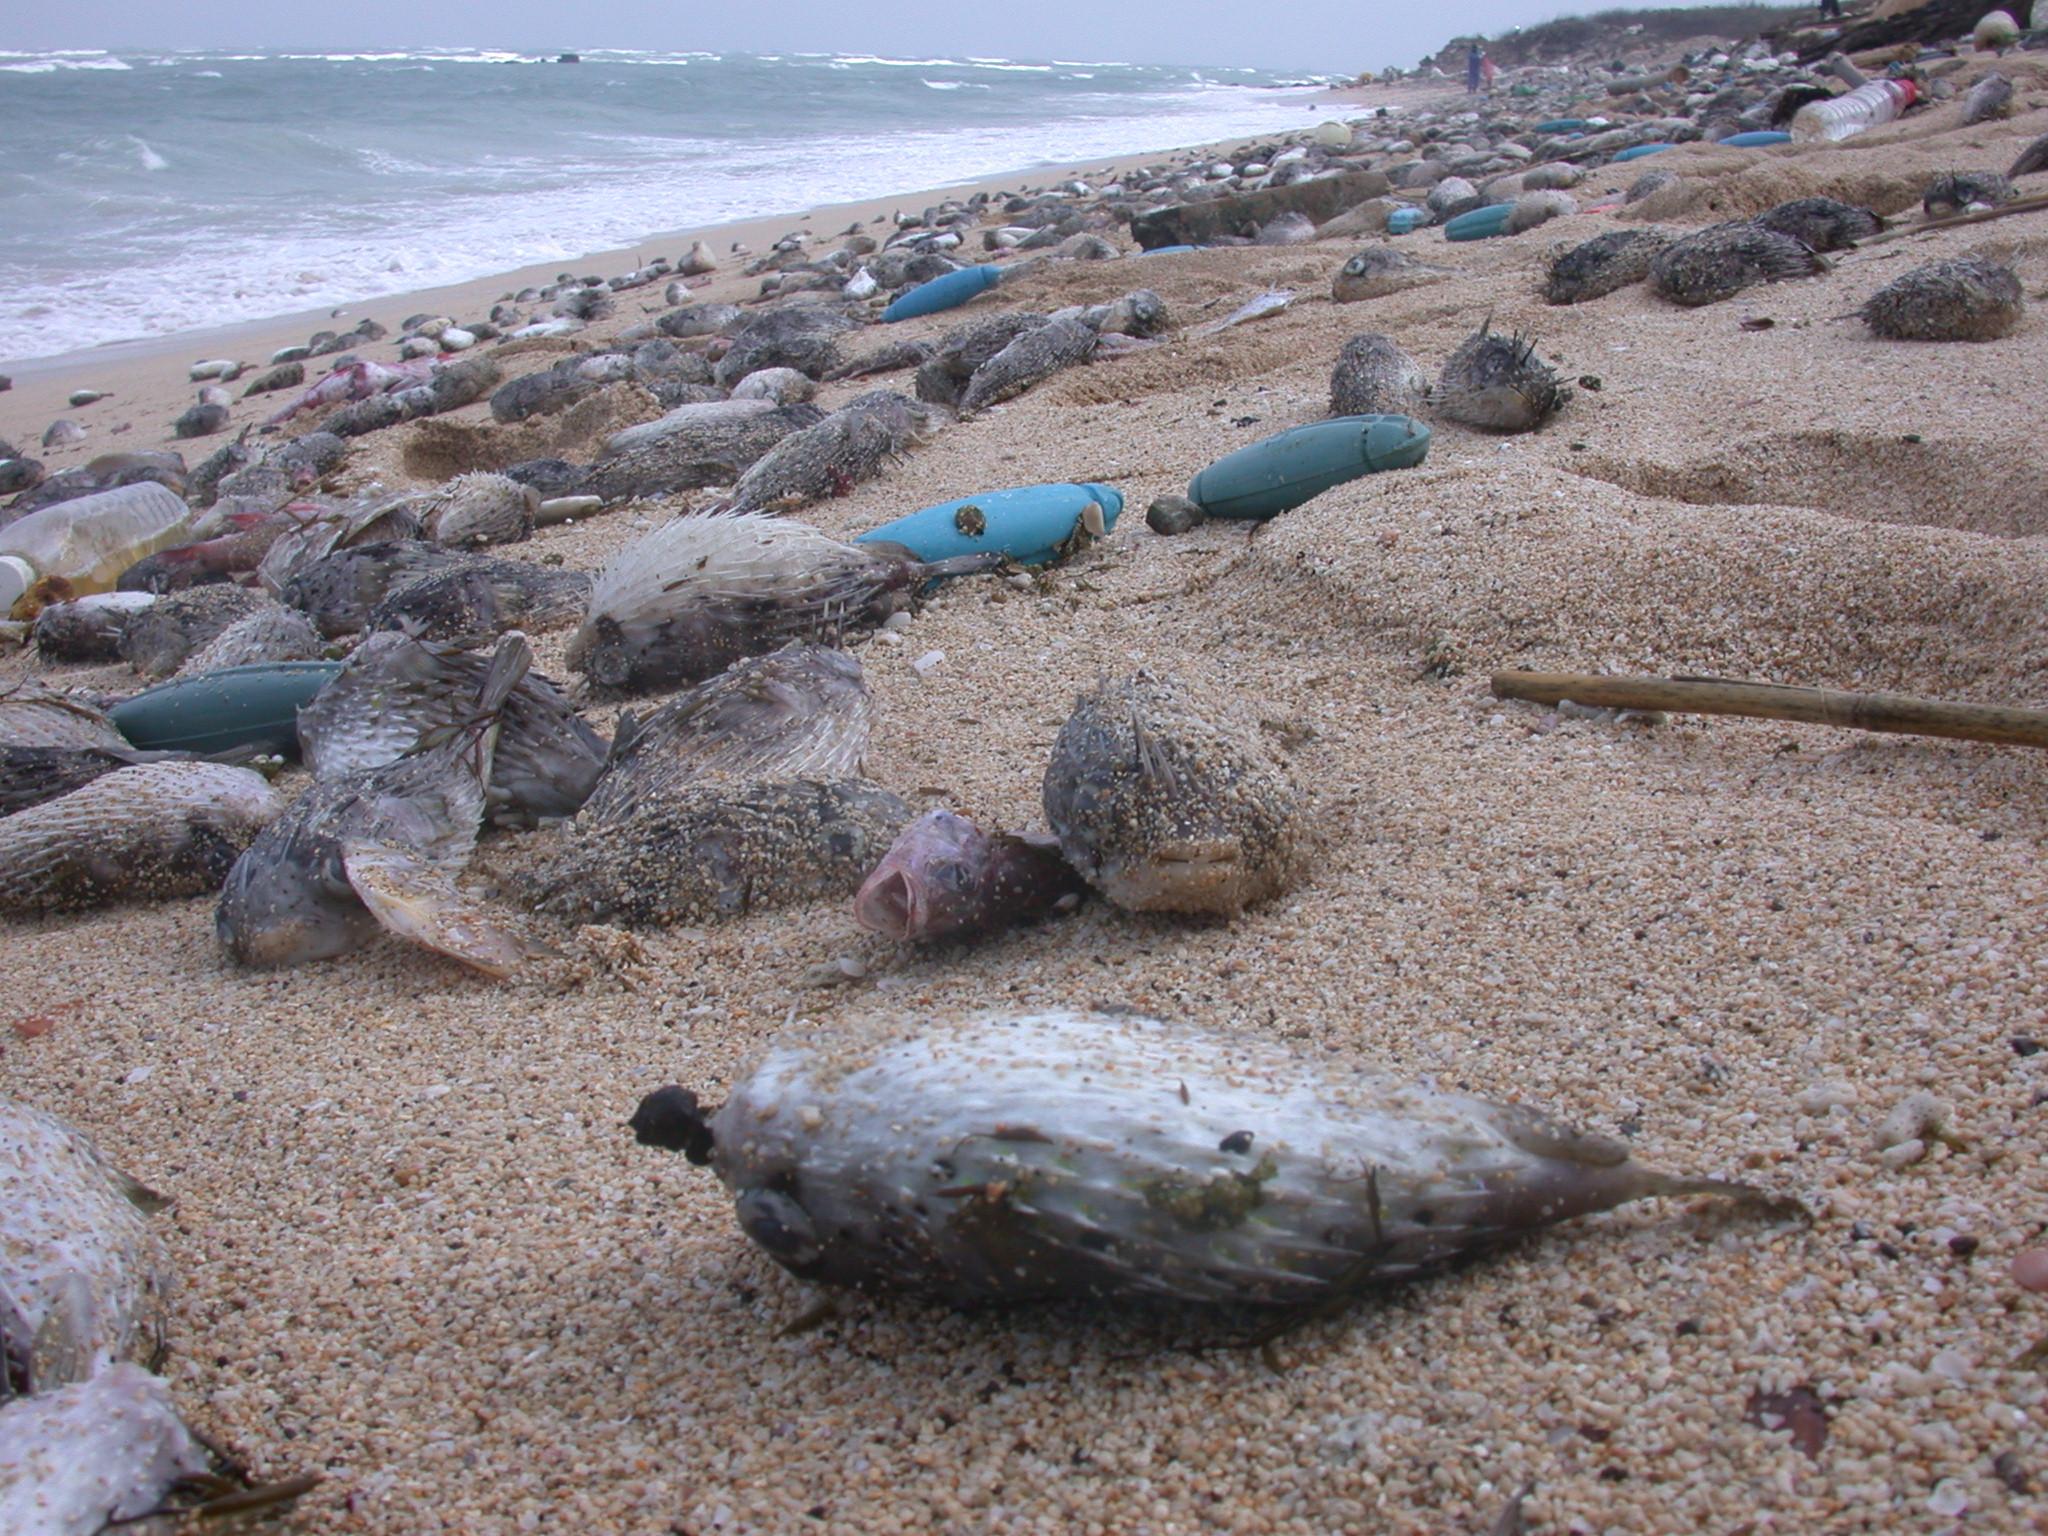 千吨的海洋生物暴死,真的只是单纯的5℃温降,或者有 更复杂的环境因素